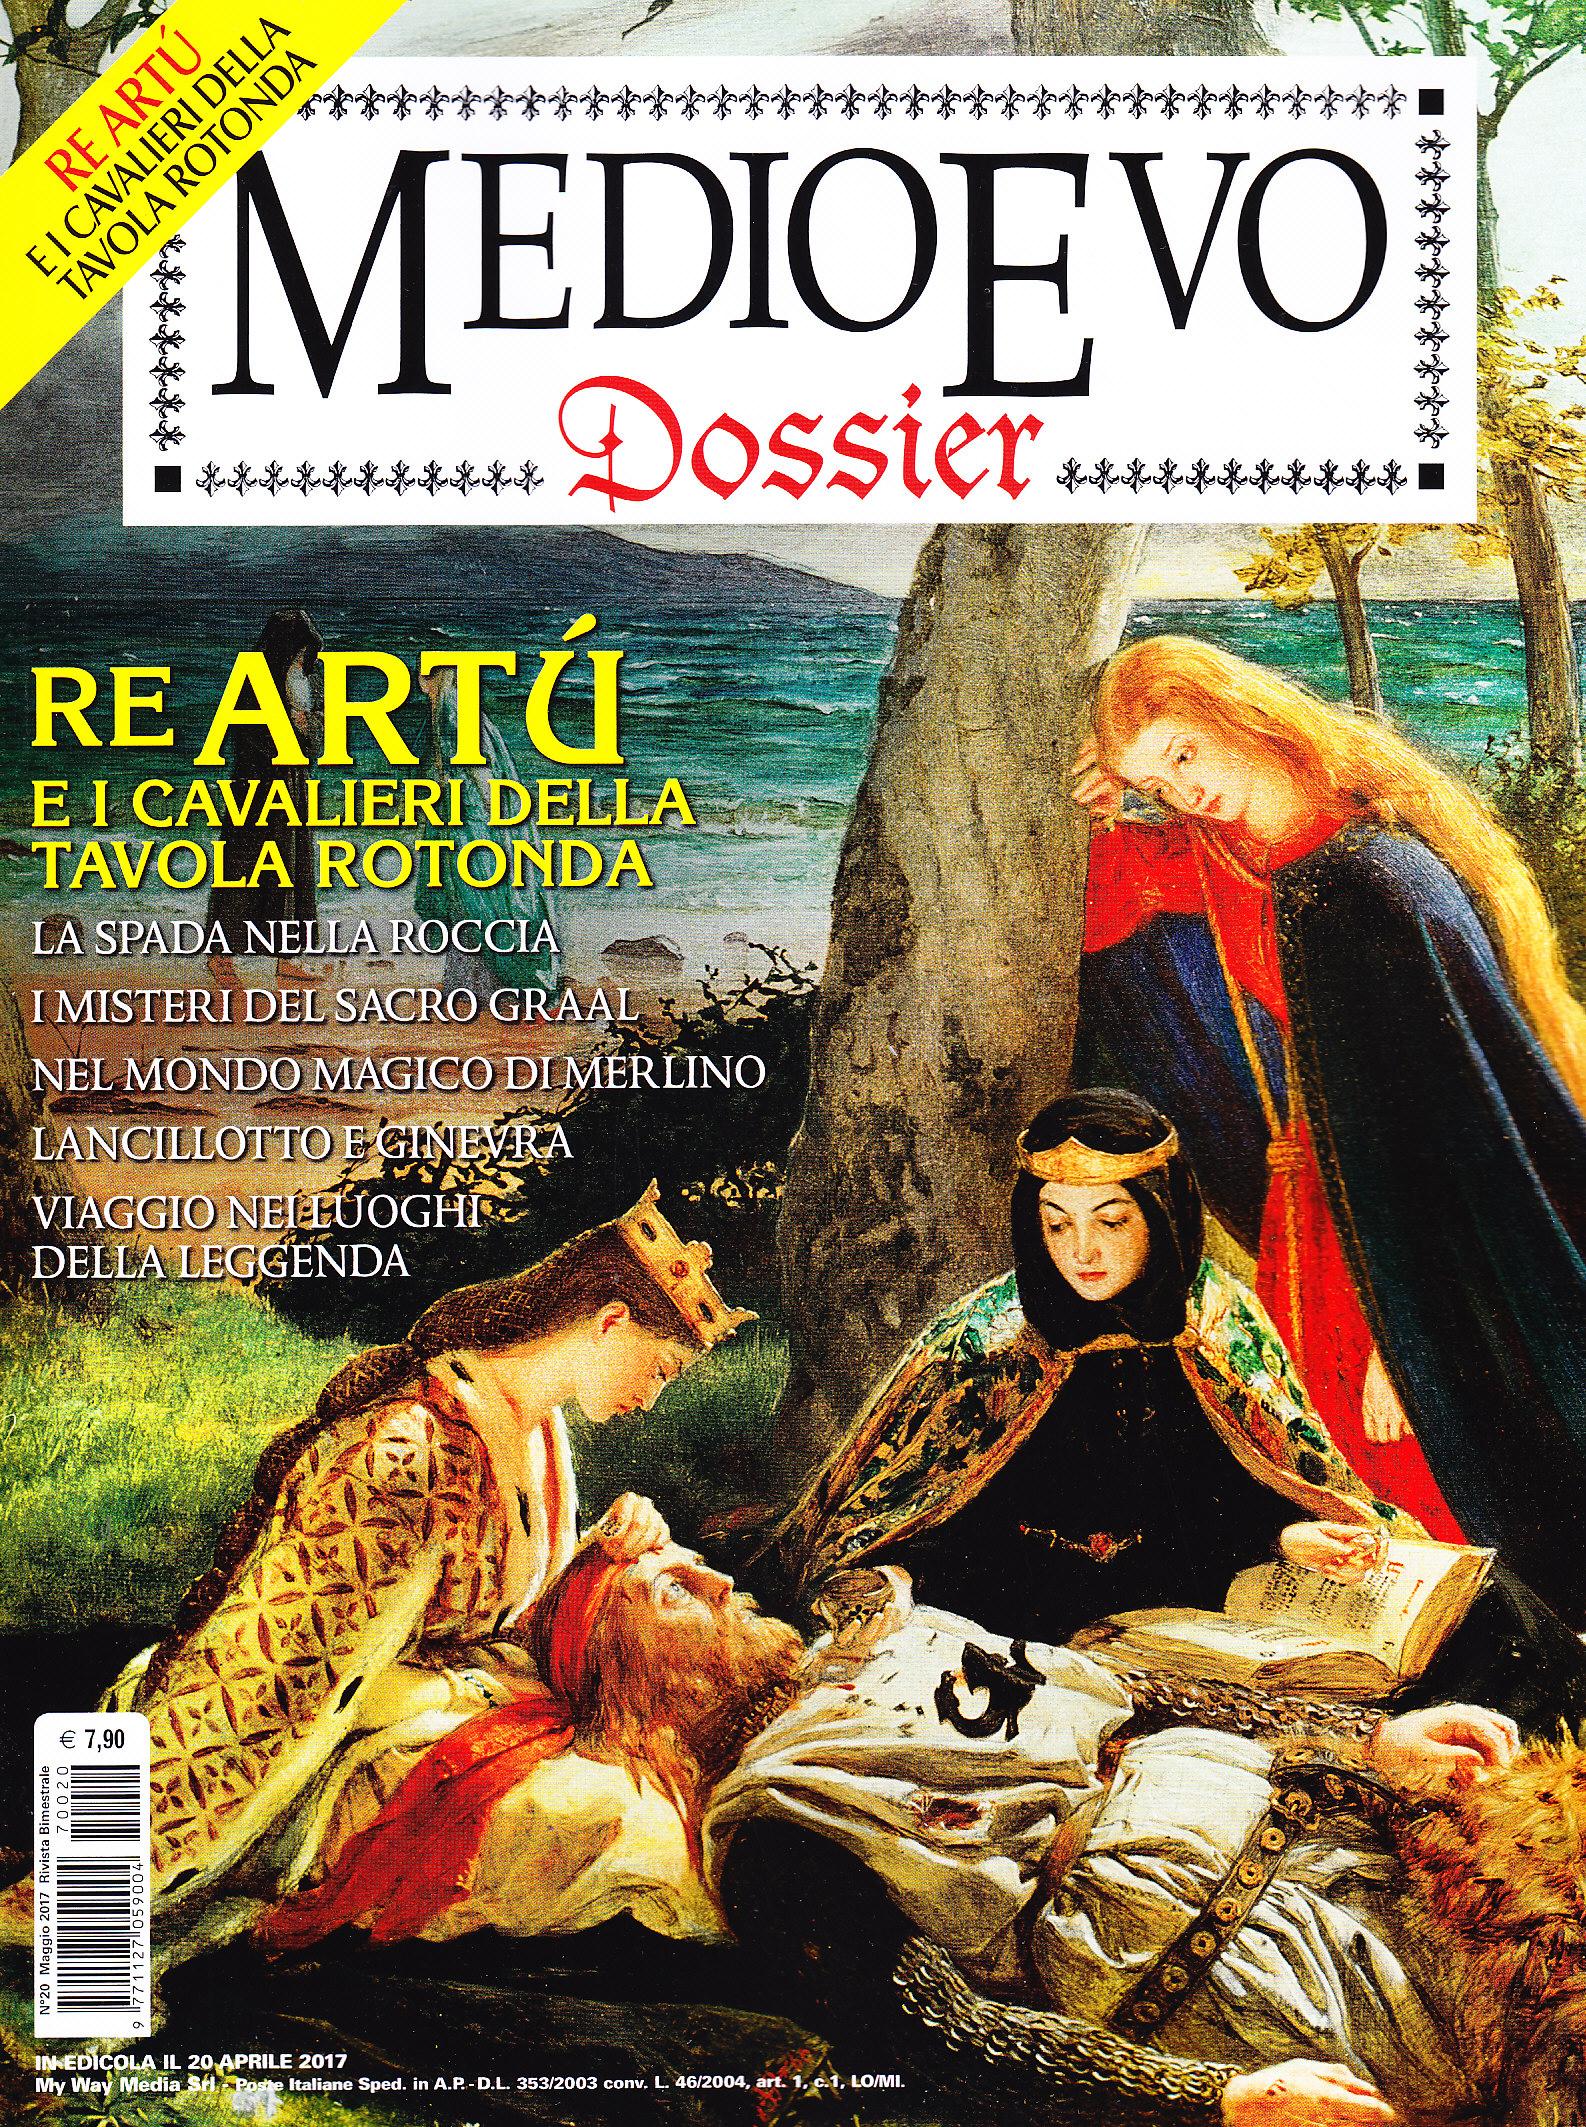 Medioevo dossier n 20 maggio 2017 re art e i cavalieri - Re artu e i cavalieri della tavola rotonda trama ...